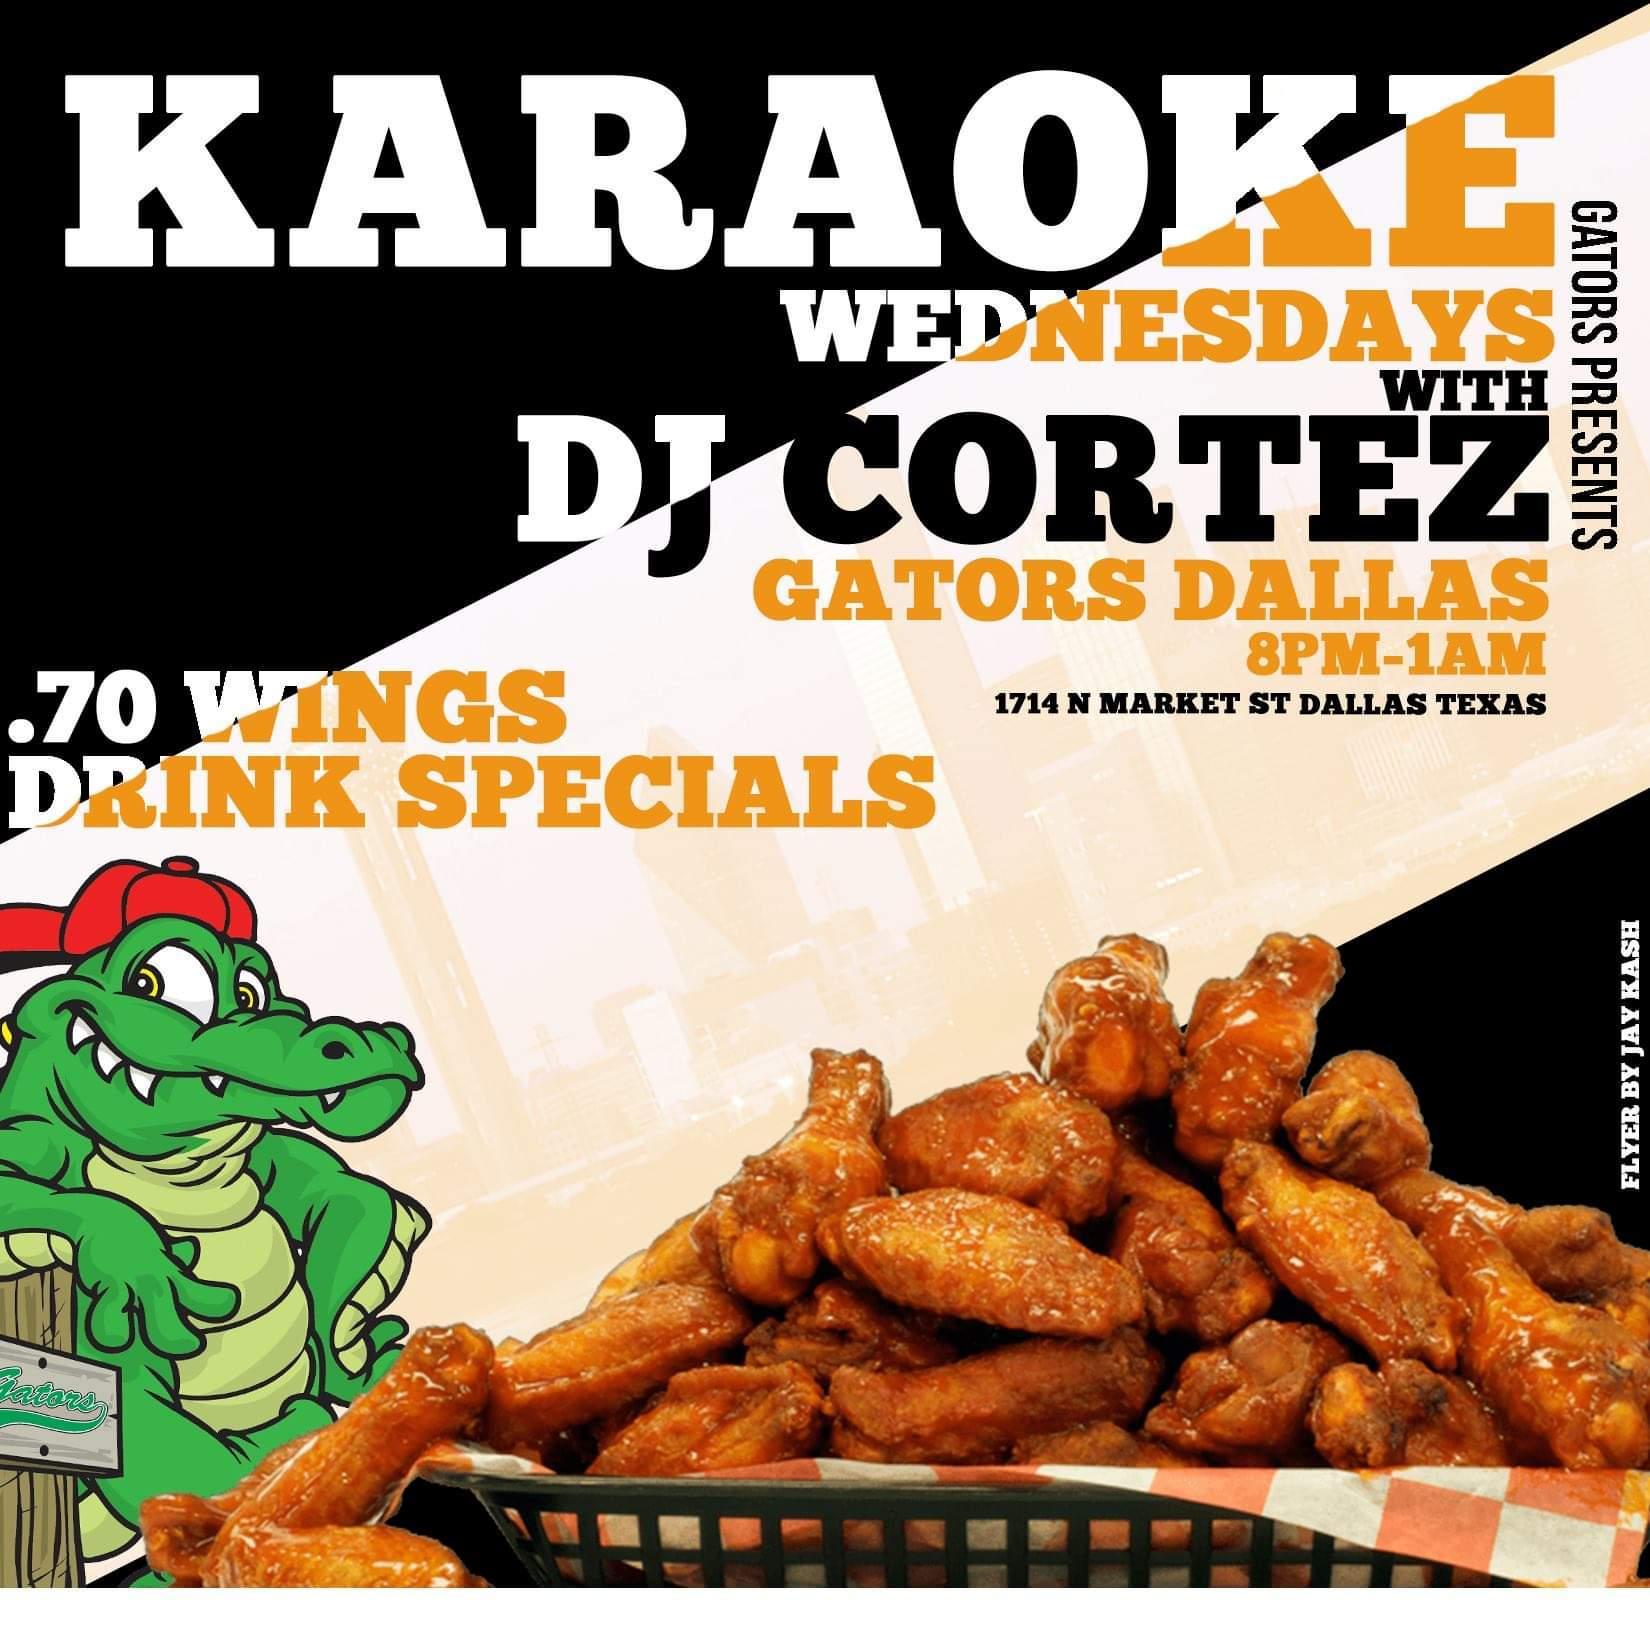 Karaoke Wednesday Wednesday!